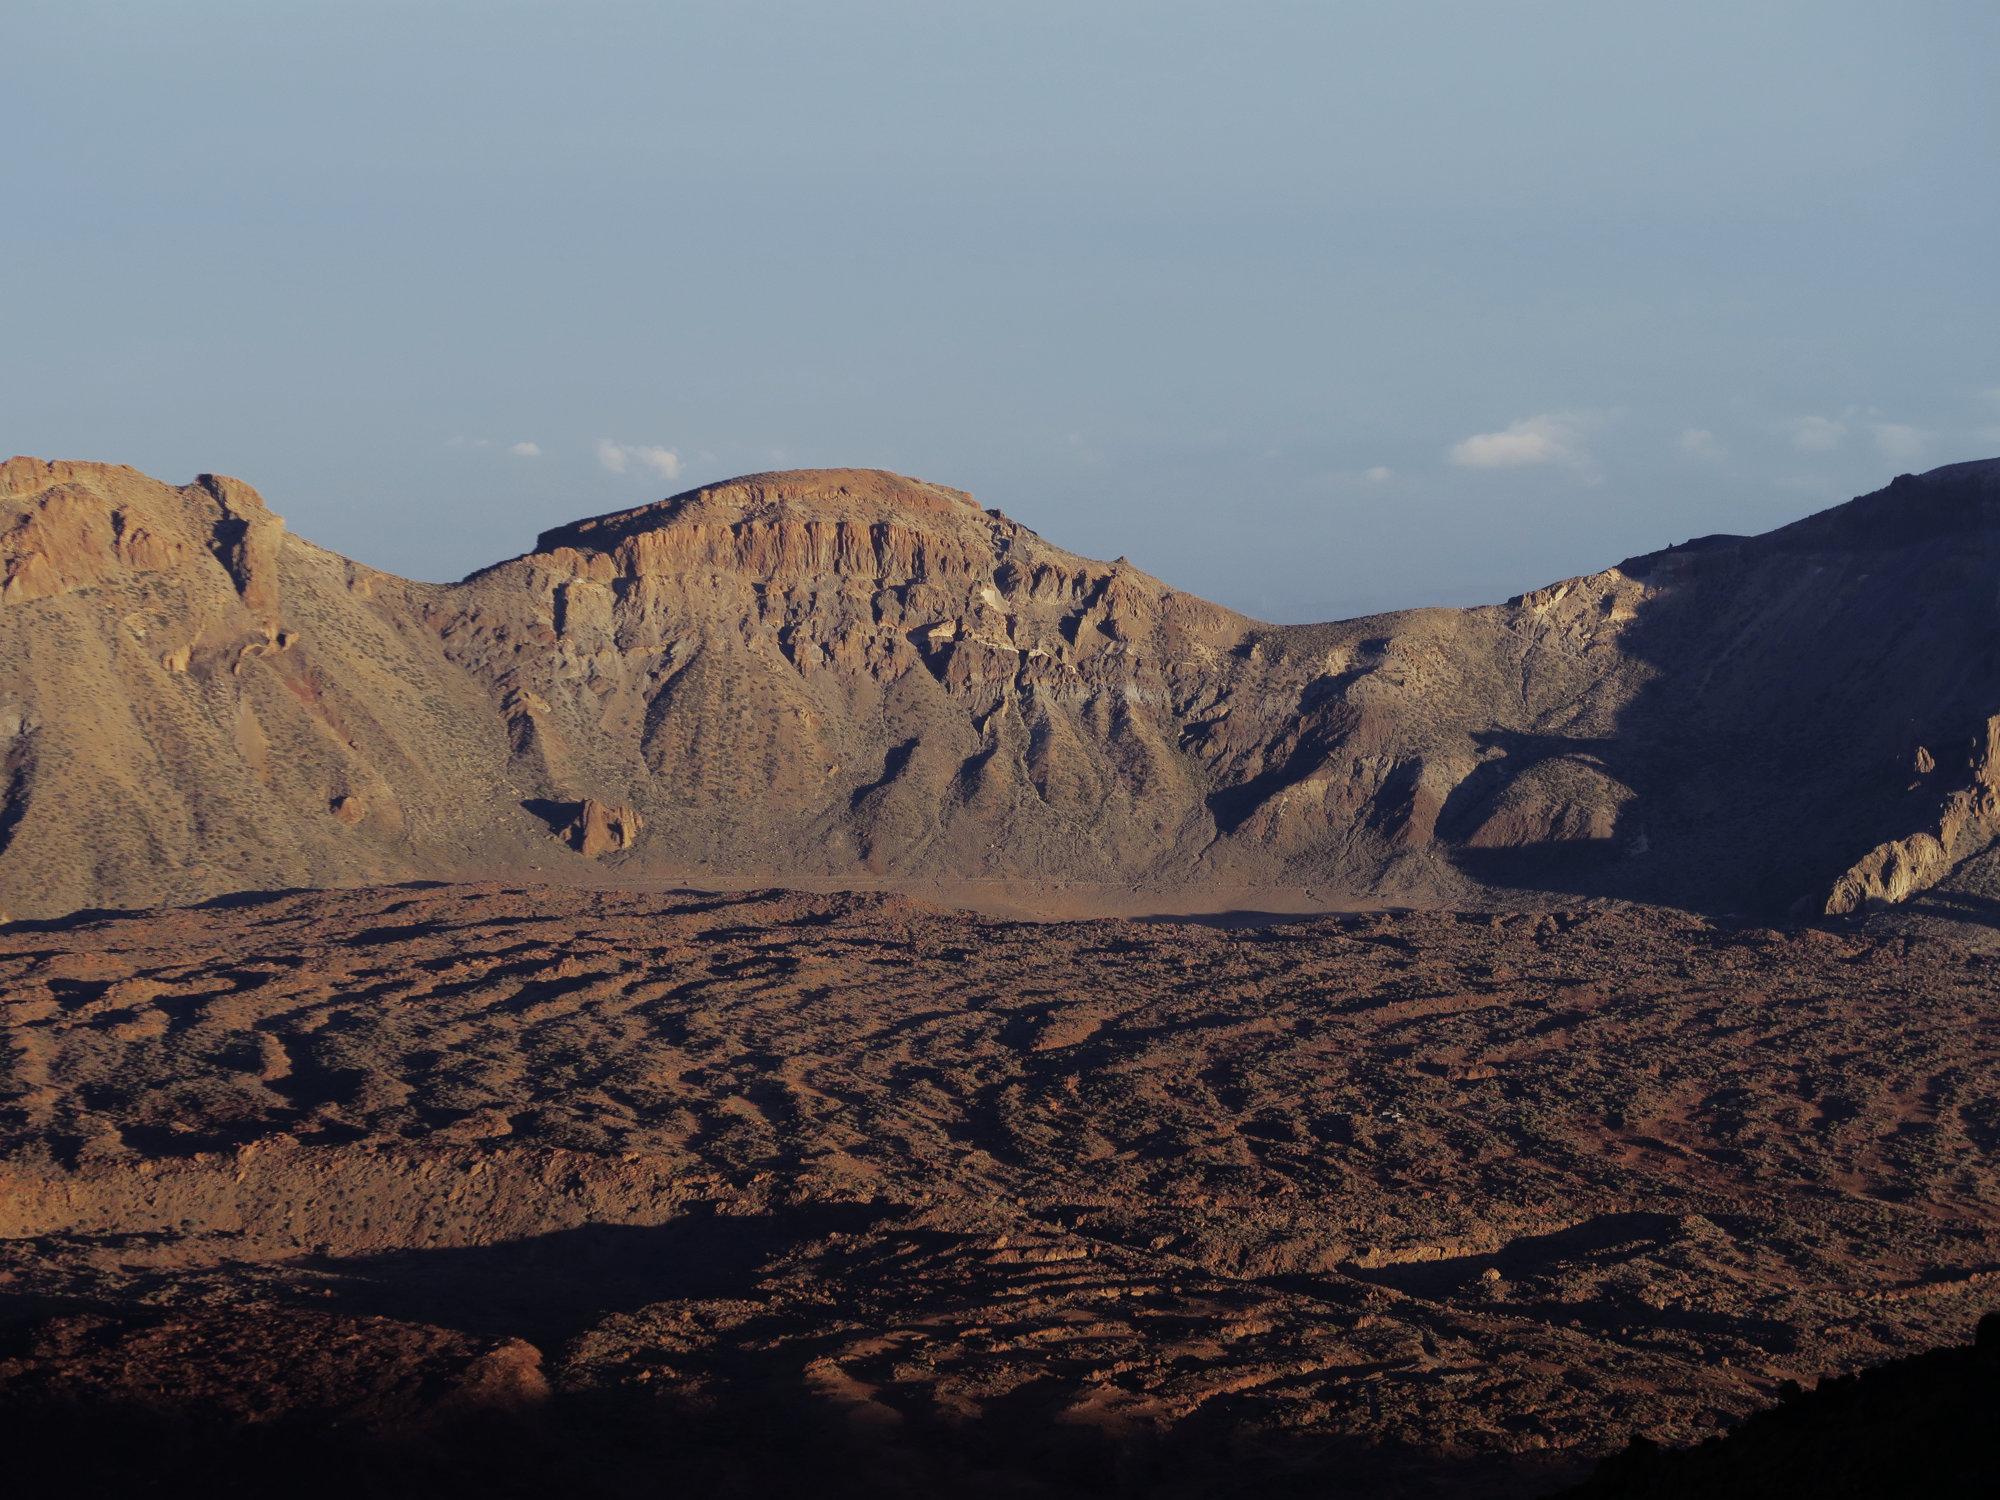 Caldera Kraterrand, Teide, Teneriffa